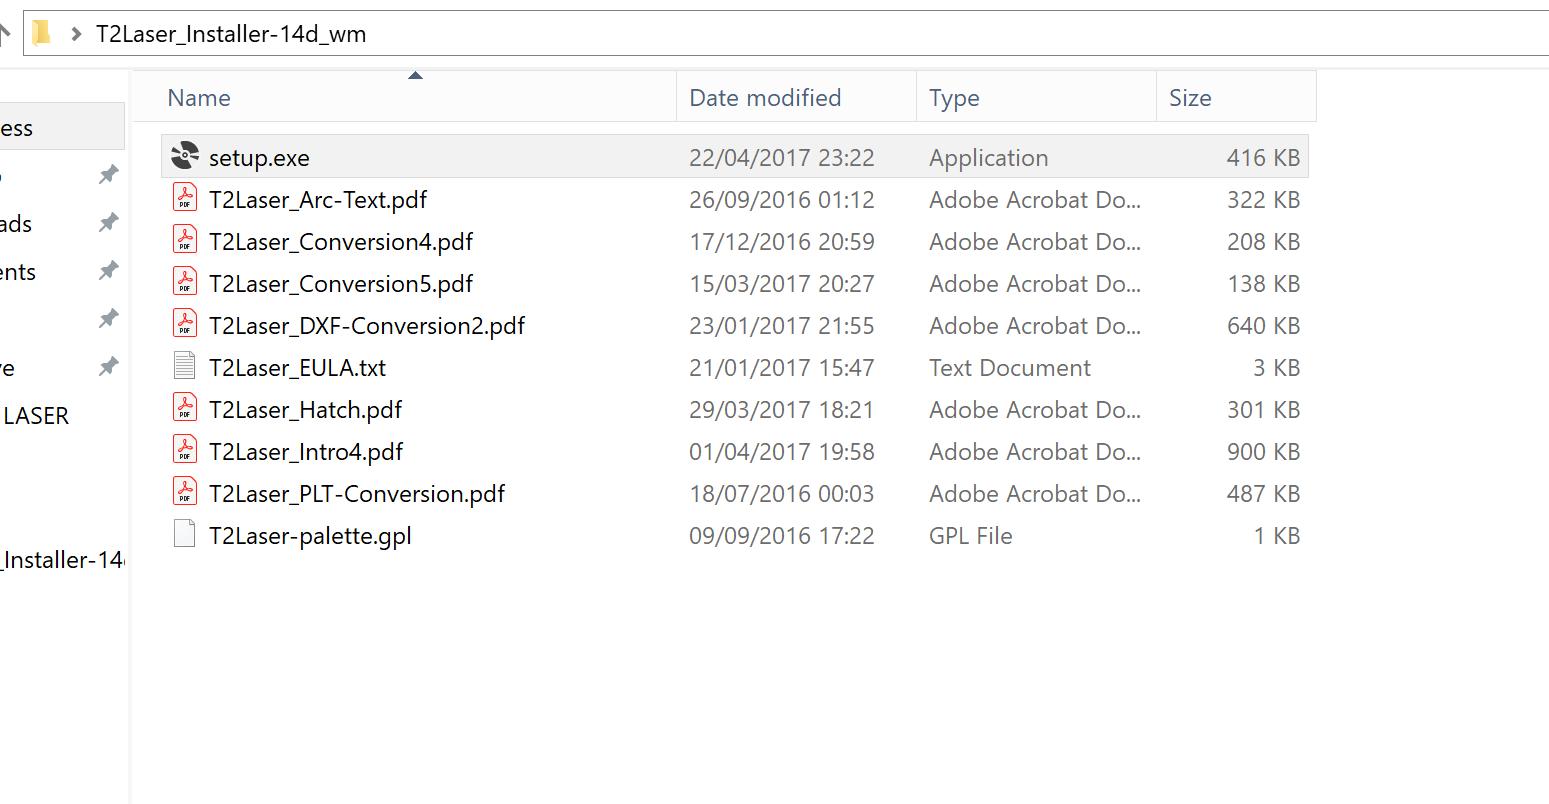 0_1539286029369_t2 laser instal folder.PNG